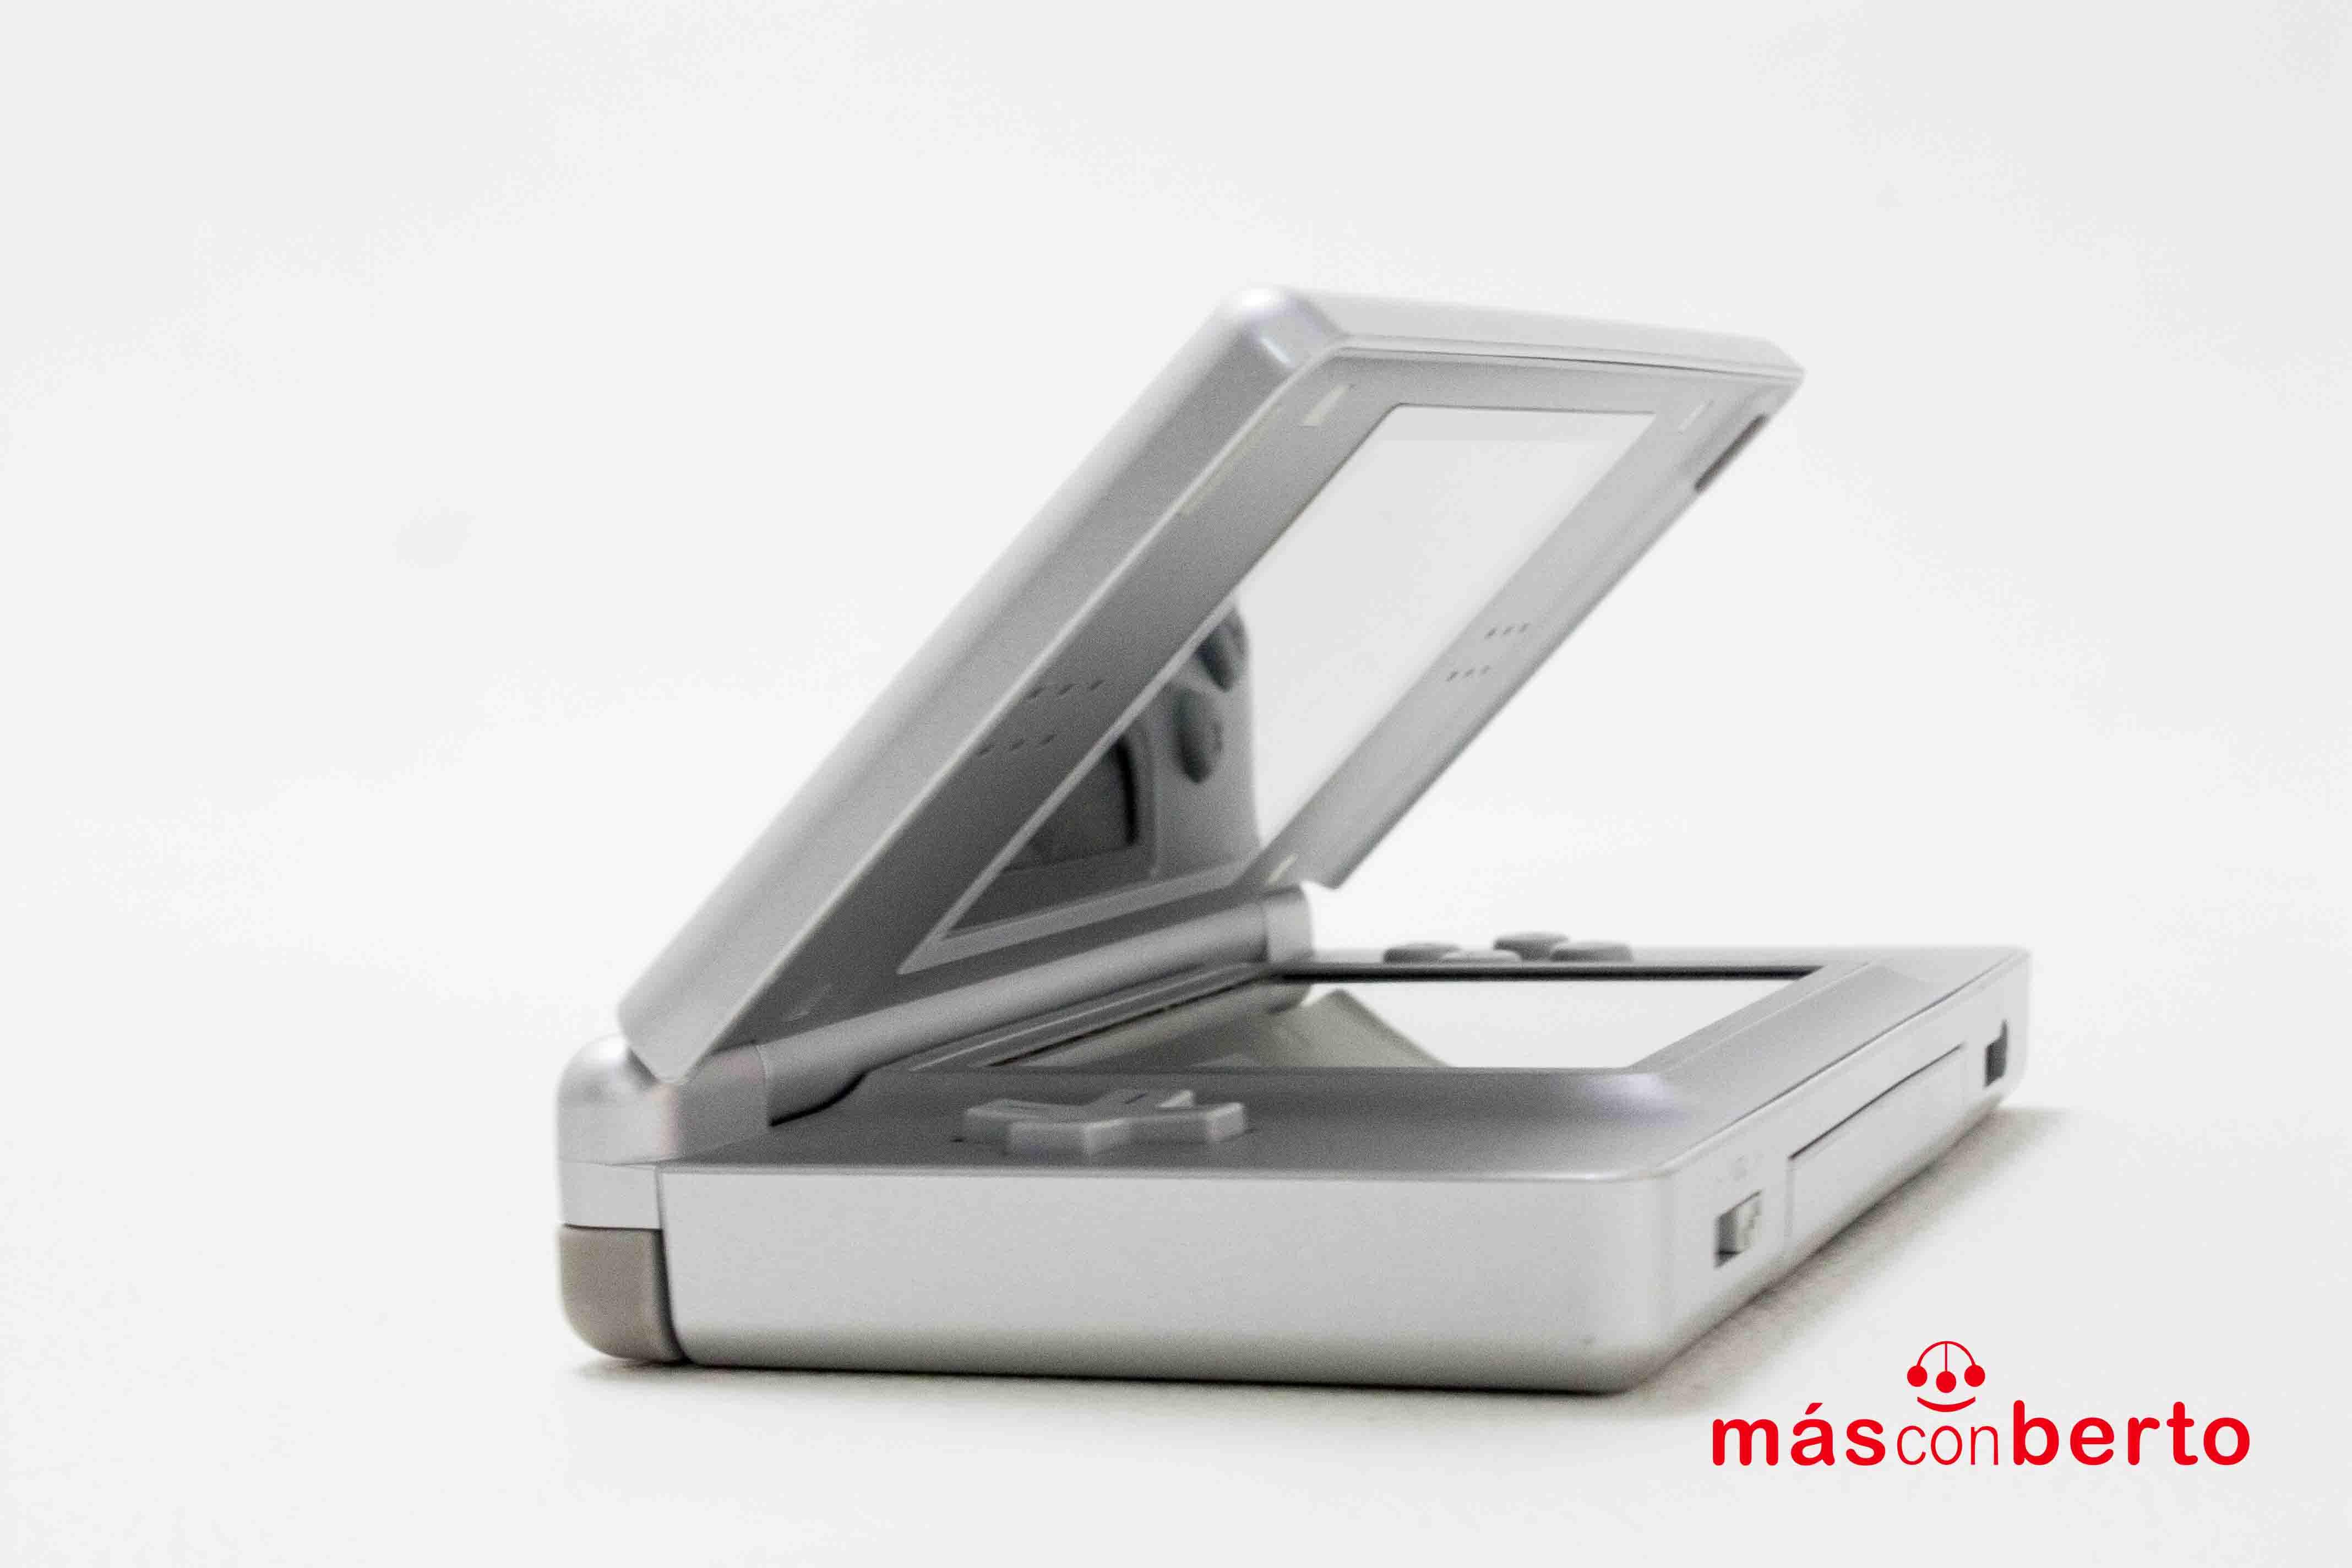 Consola Nintendo DS Lite Gris